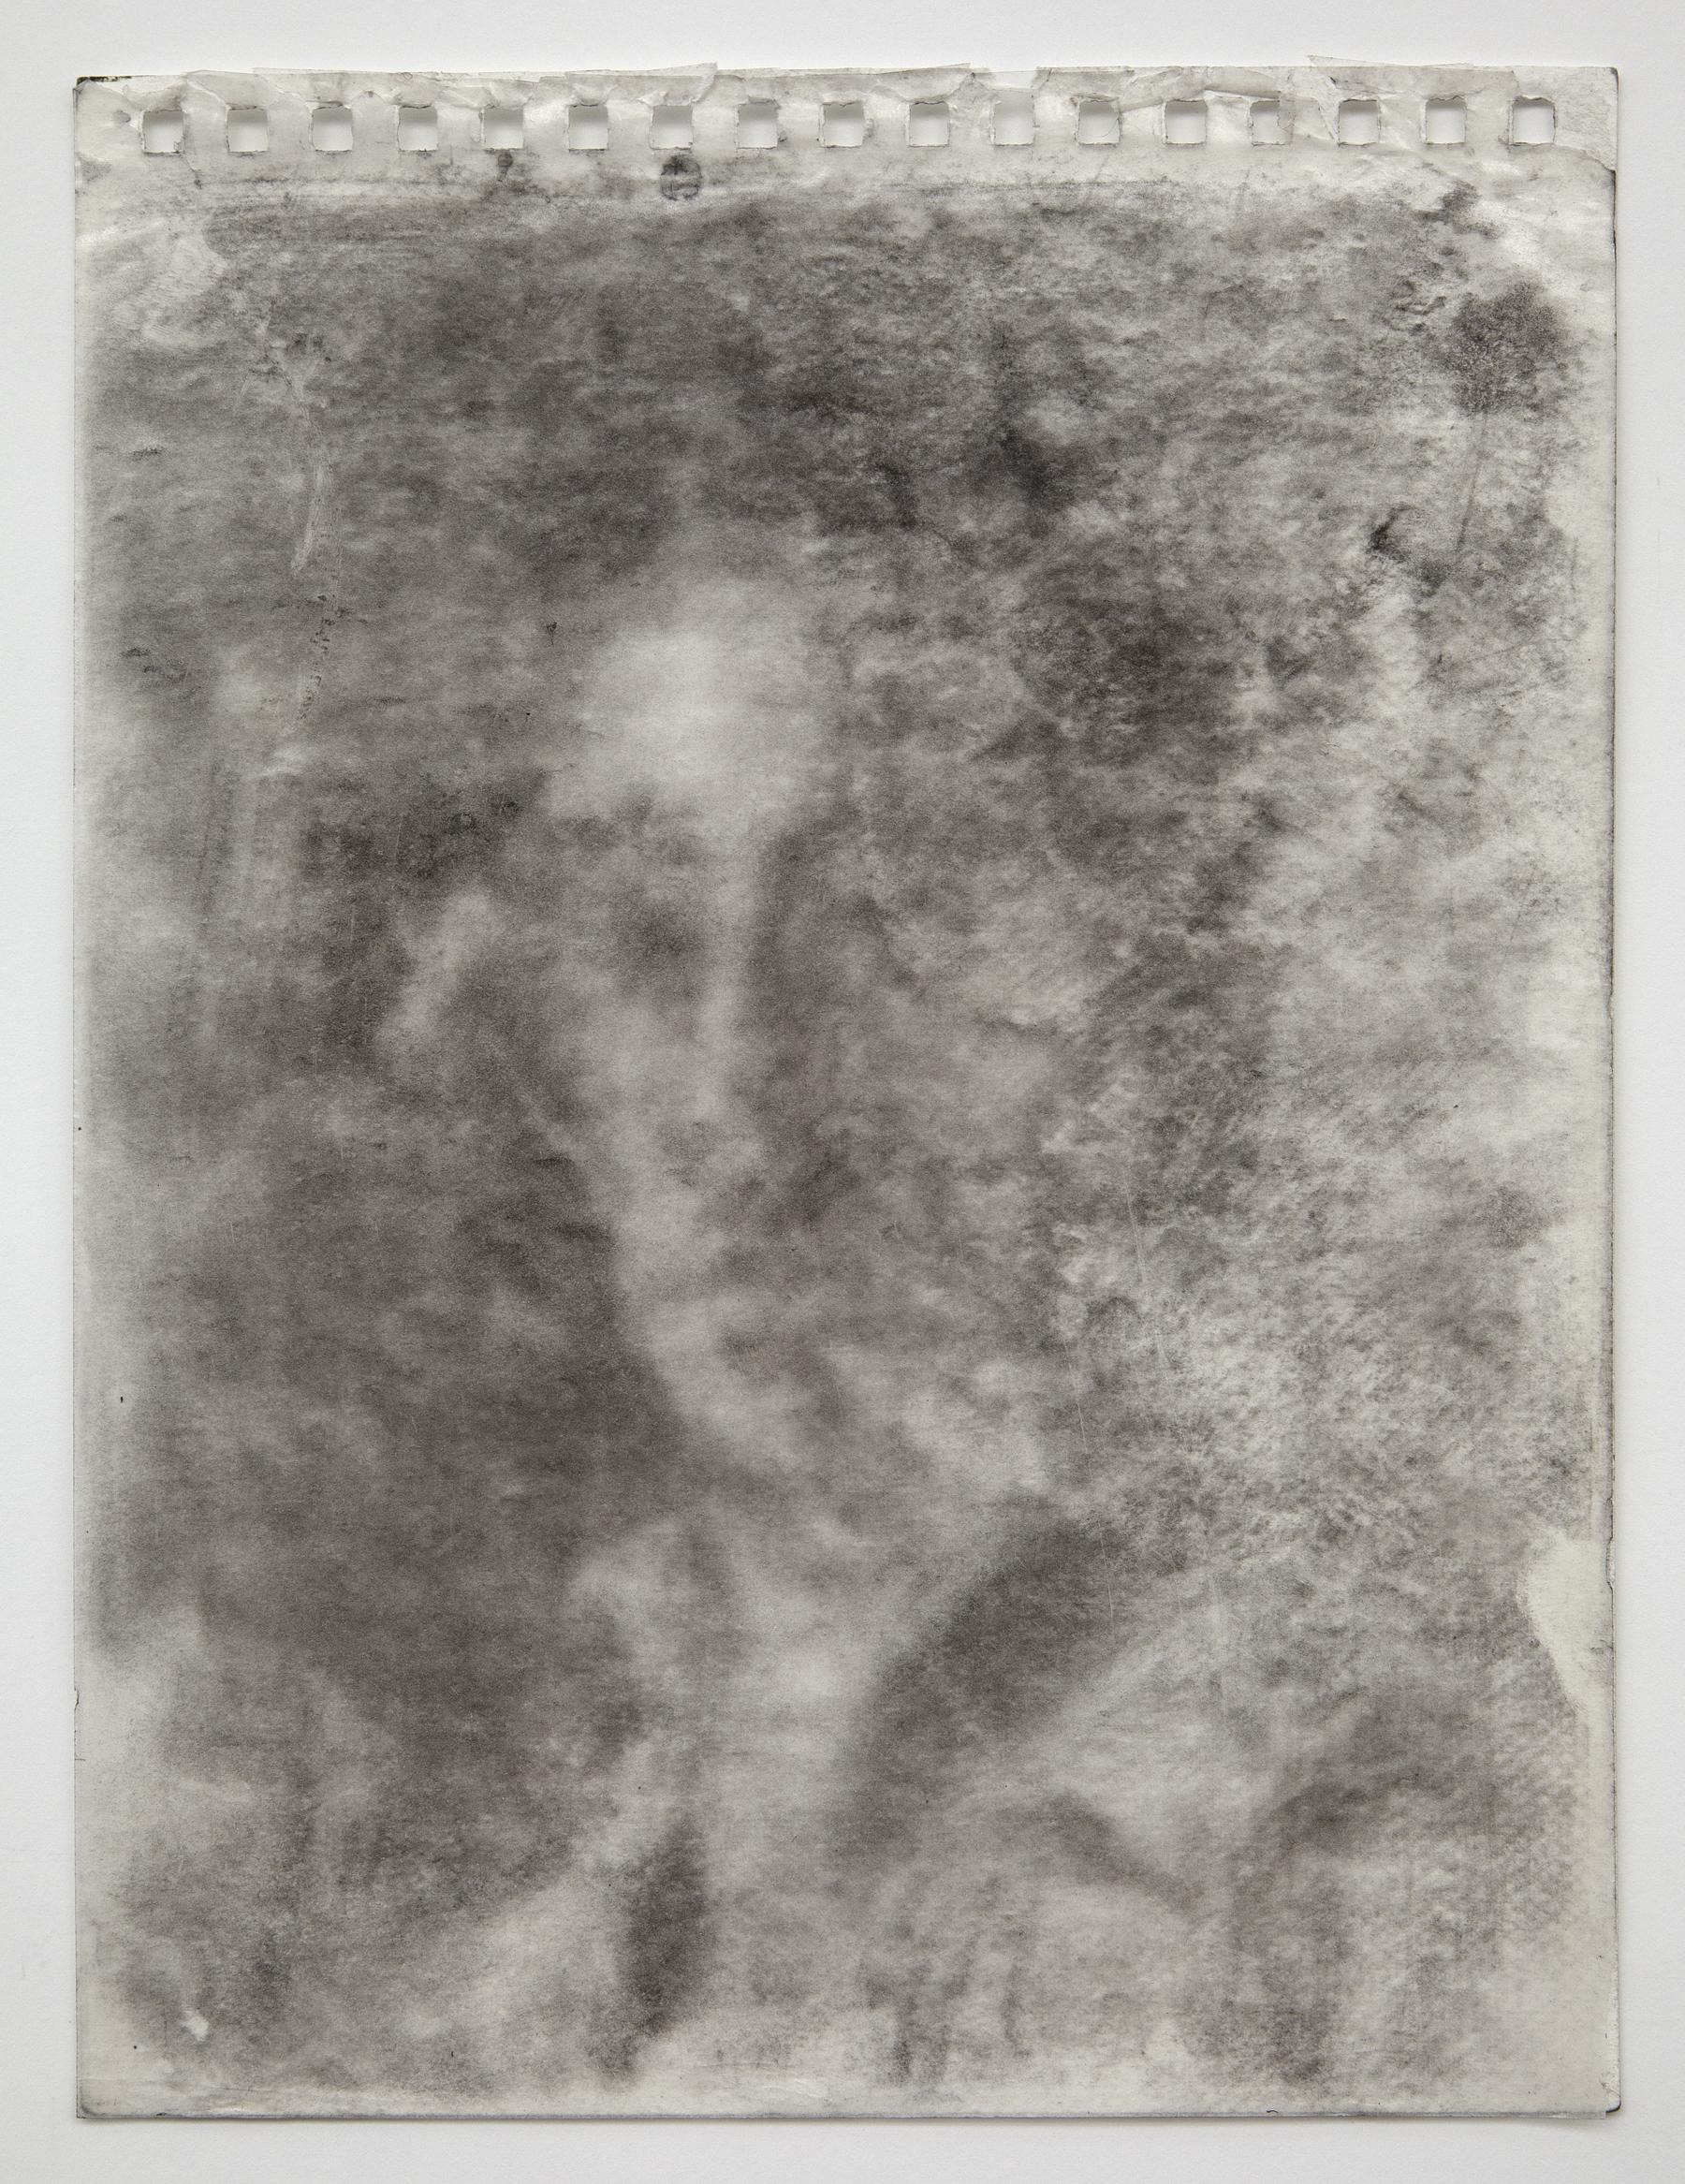 Interleaf Painting (after Degas), 2013